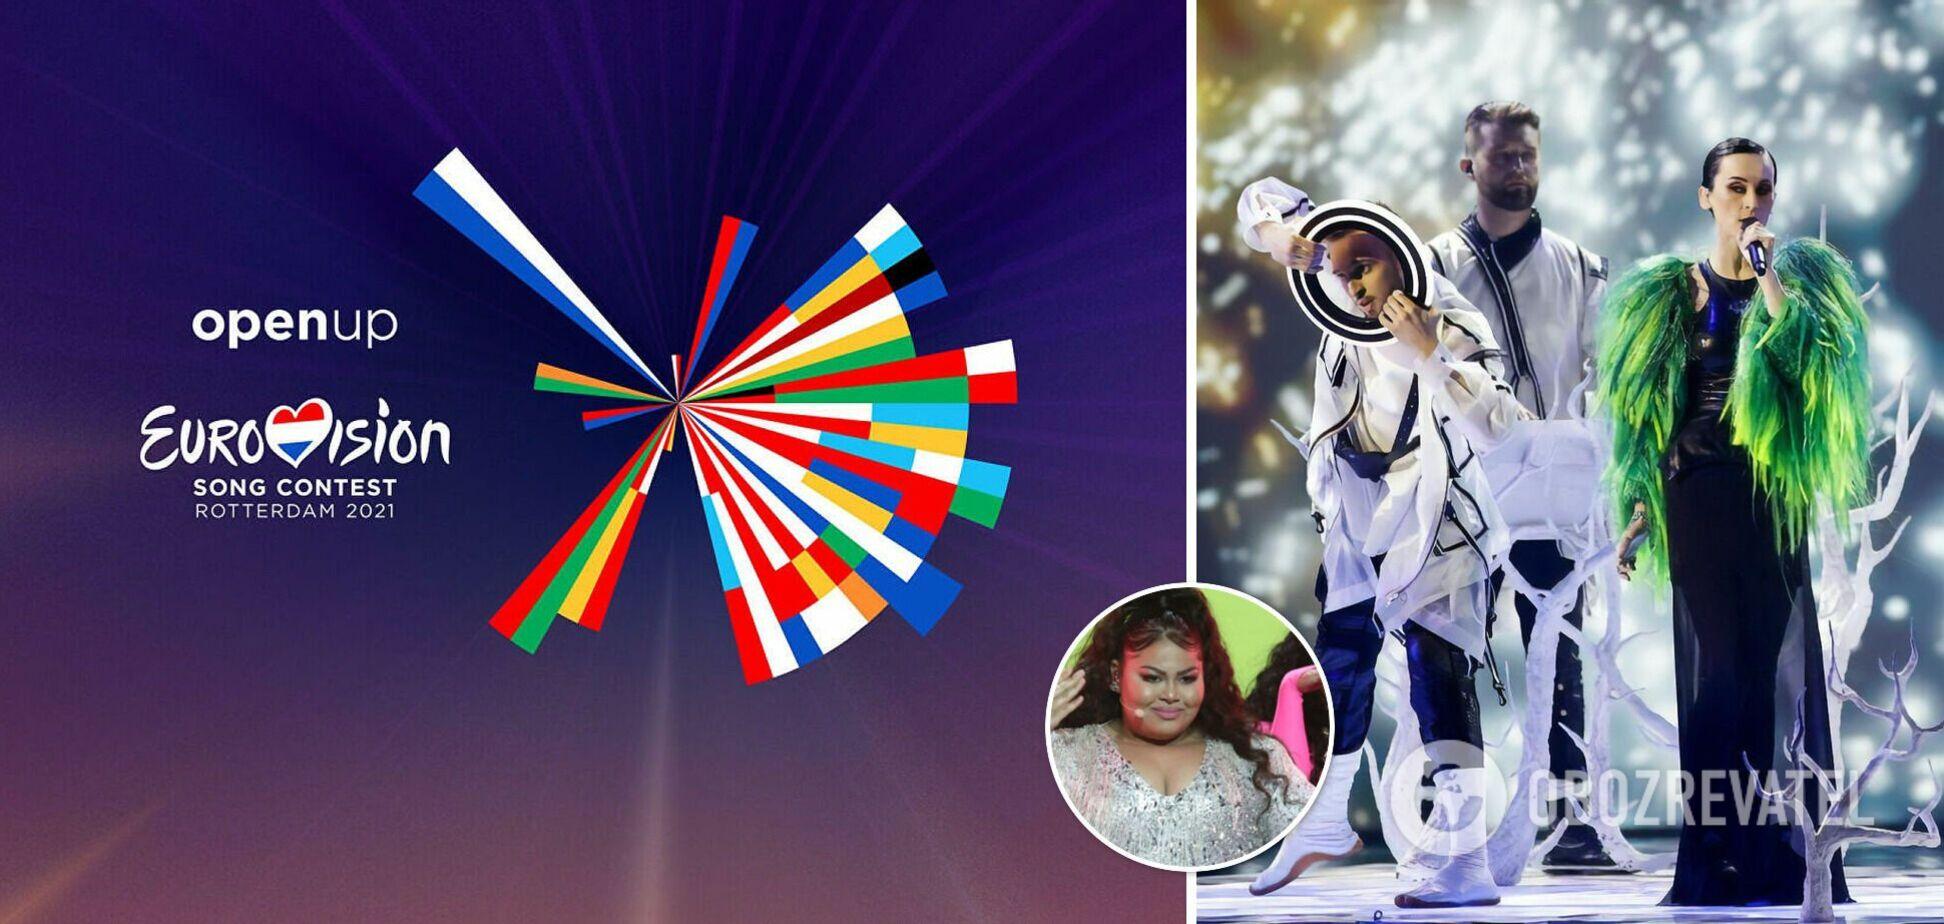 Финал песенного конкурса Евровидение 2021